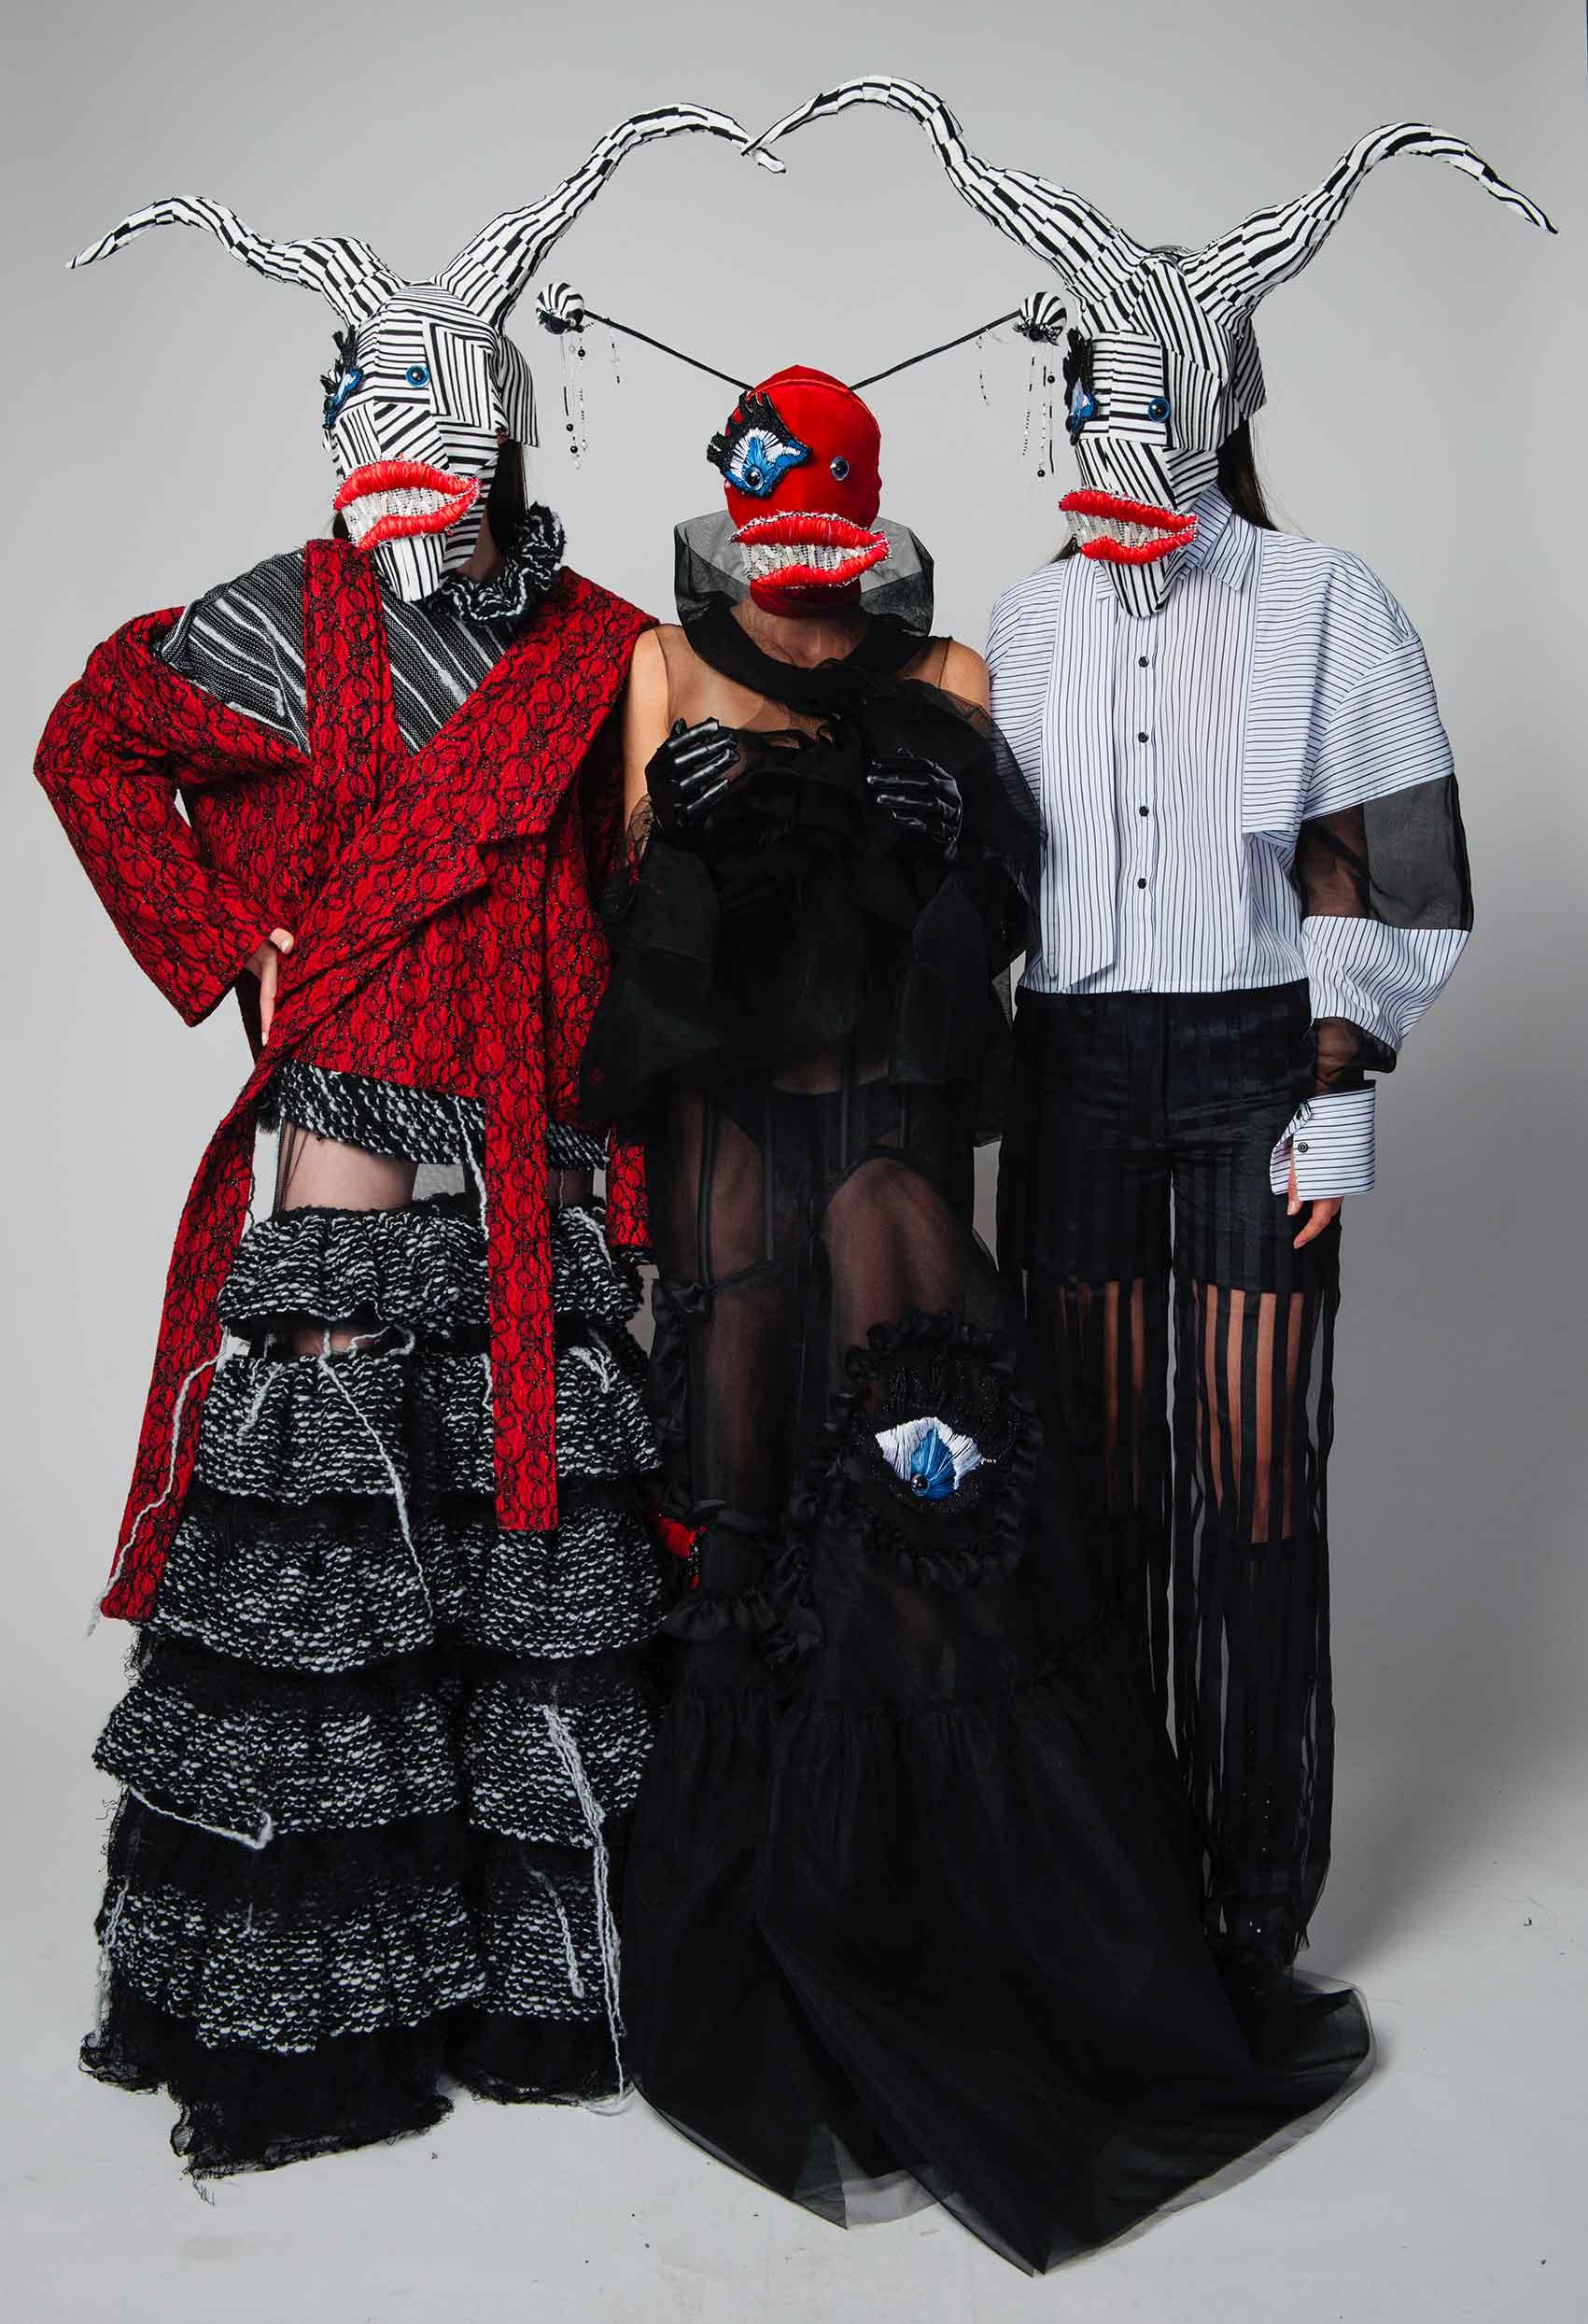 הפרעה נפשית - נטע אילוז, קולקציית גמר, ויצו חיפה, אופנה ישראלית